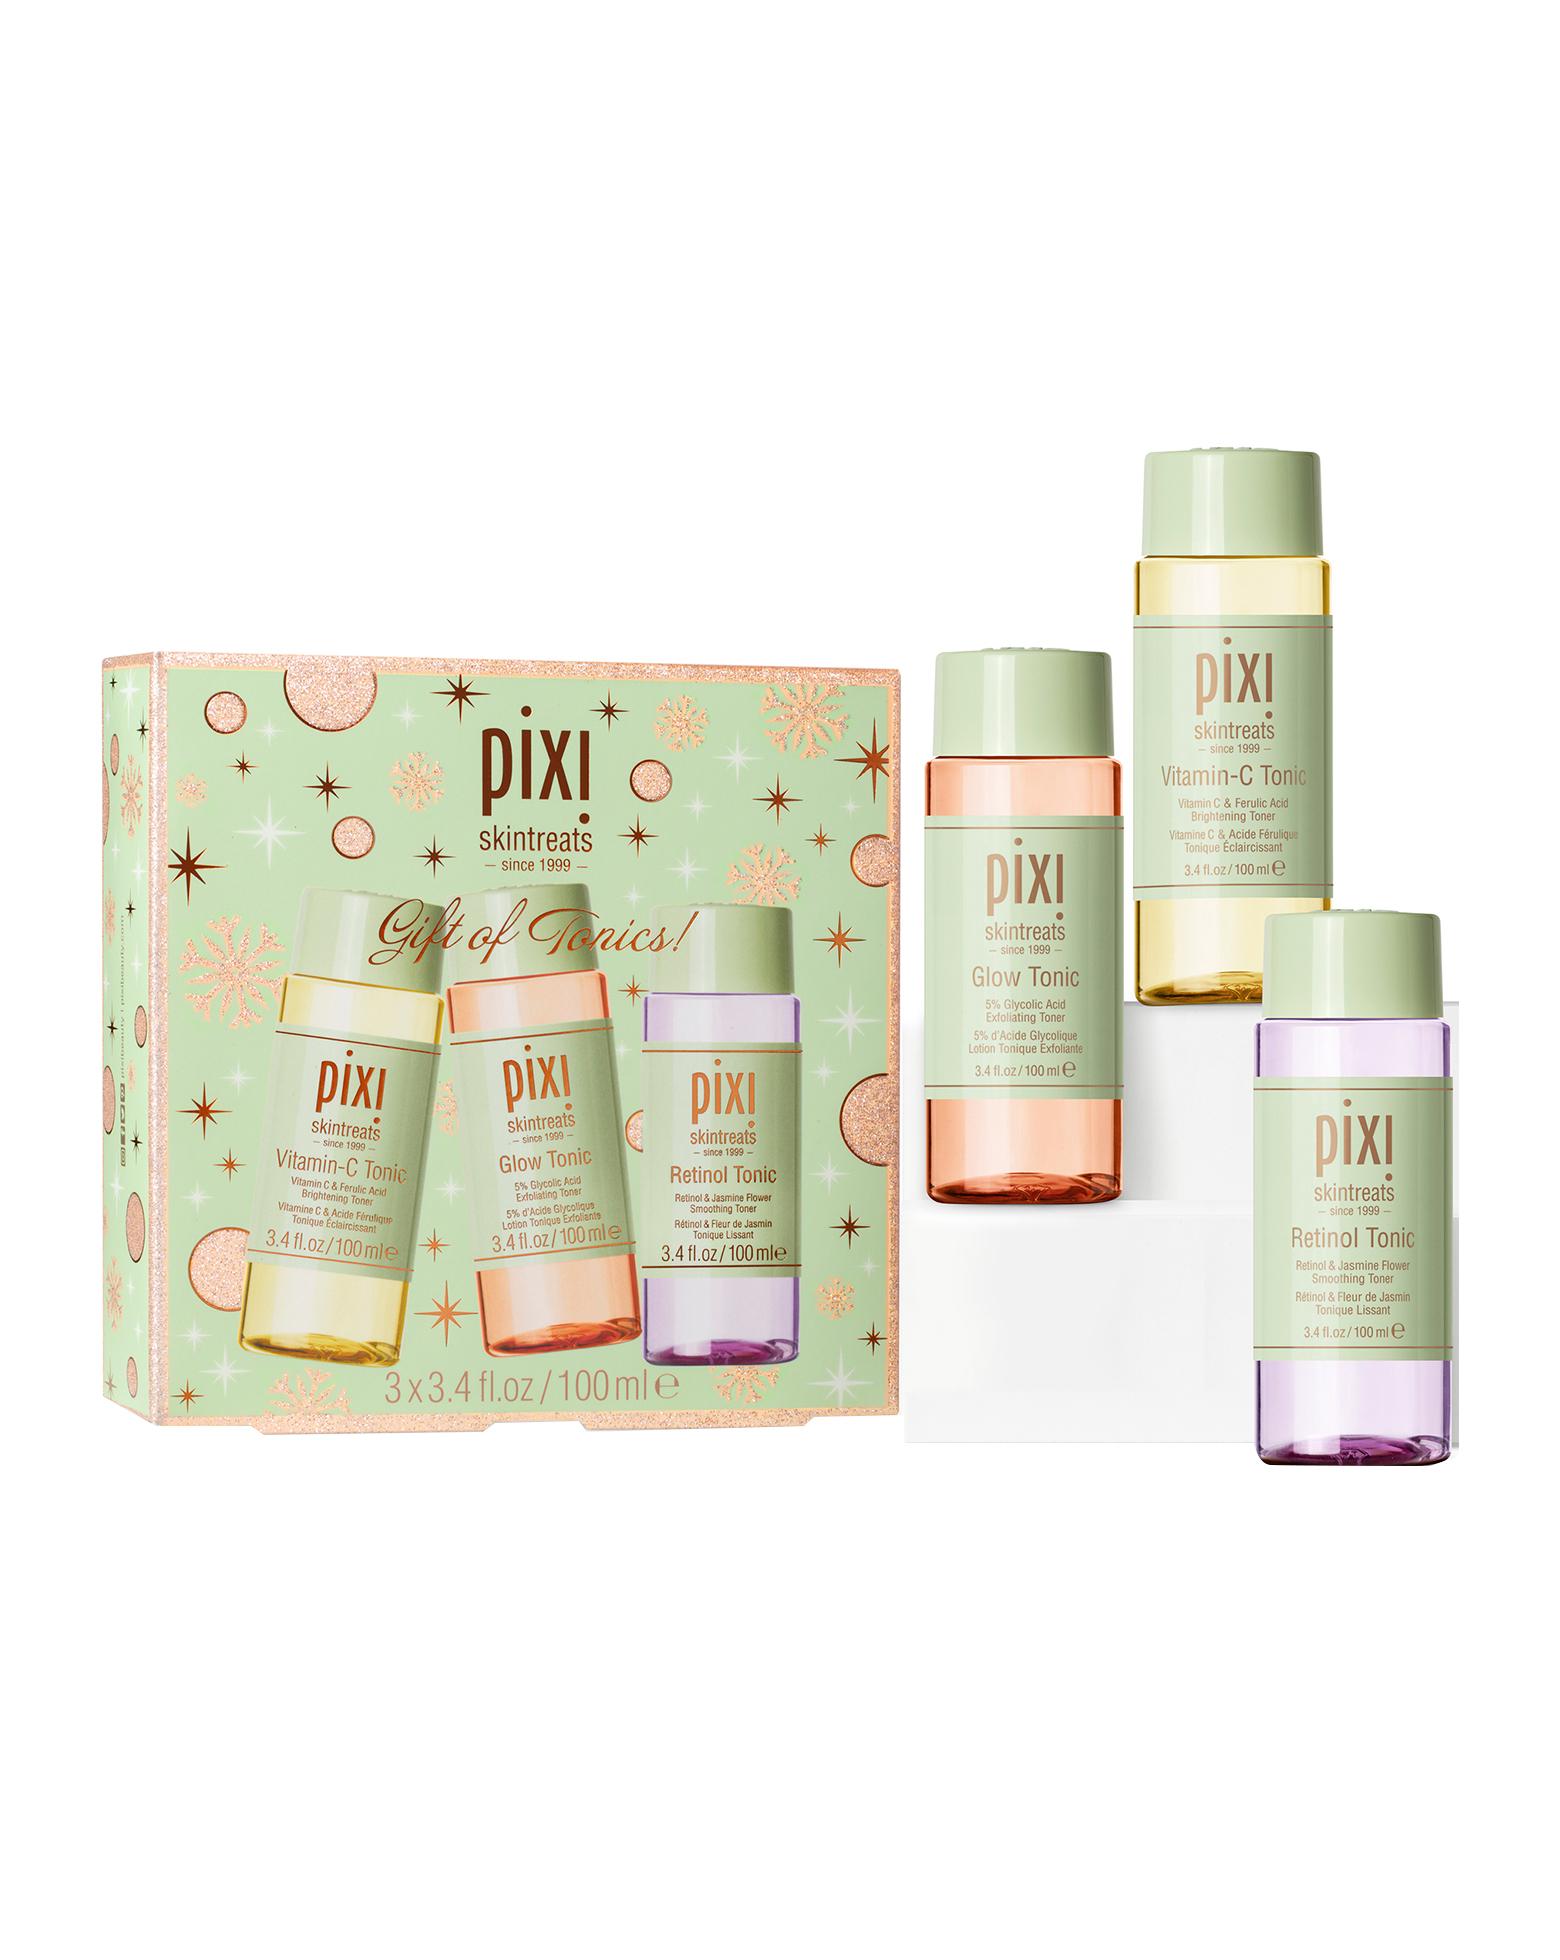 Pixi Gift of Brighten & Smooth